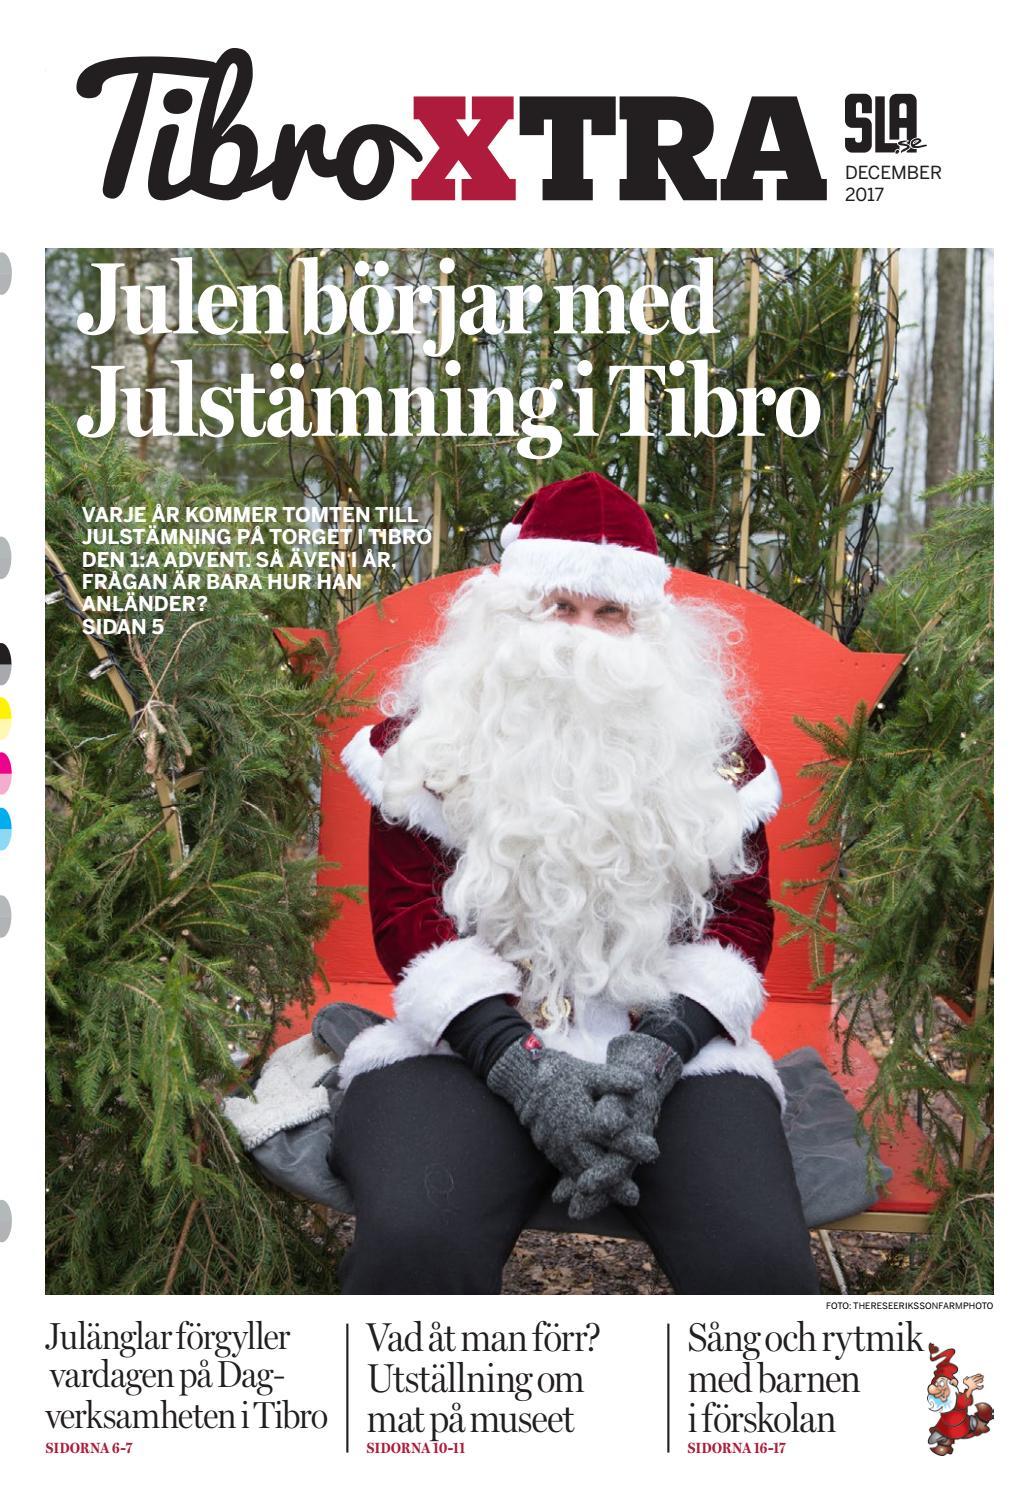 Sexiga Kvinnor Svenska Tjejer Naken Smiskade Tjejer